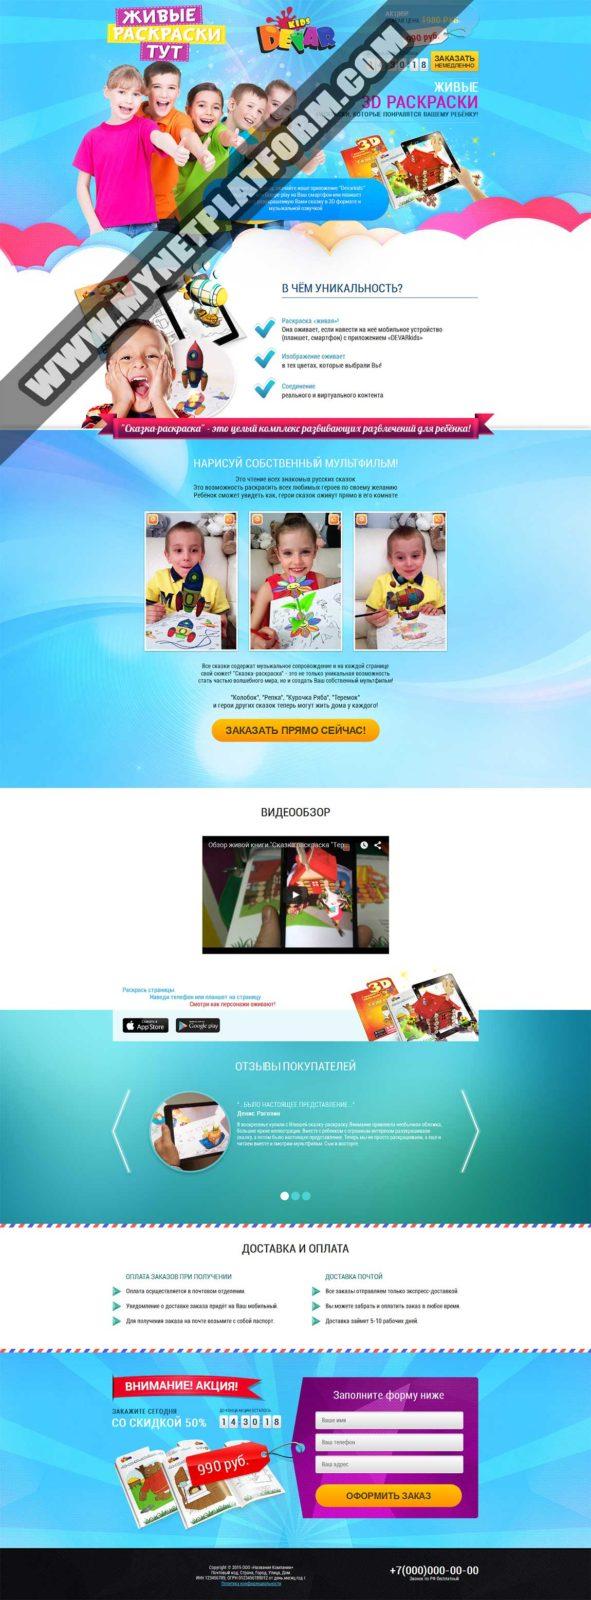 Скриншот лендинга Живые 3D раскраски Devar Kids 001